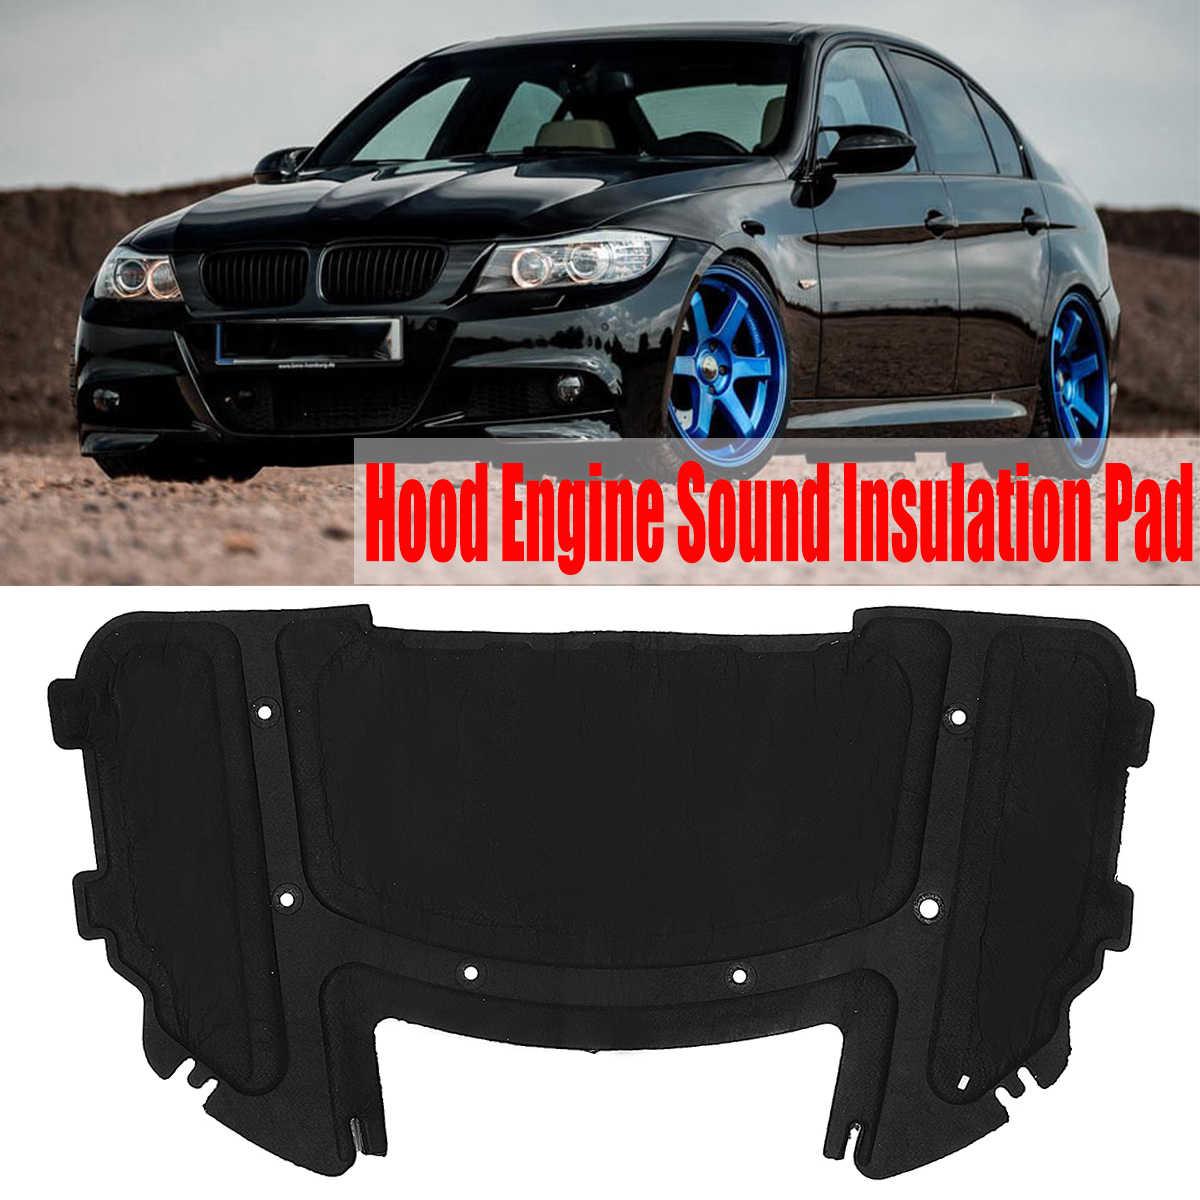 VANO MOTORE ISOLAMENTO copertura del motore in alto isolamento TAPPETO per BMW e90 e91 e92 e93